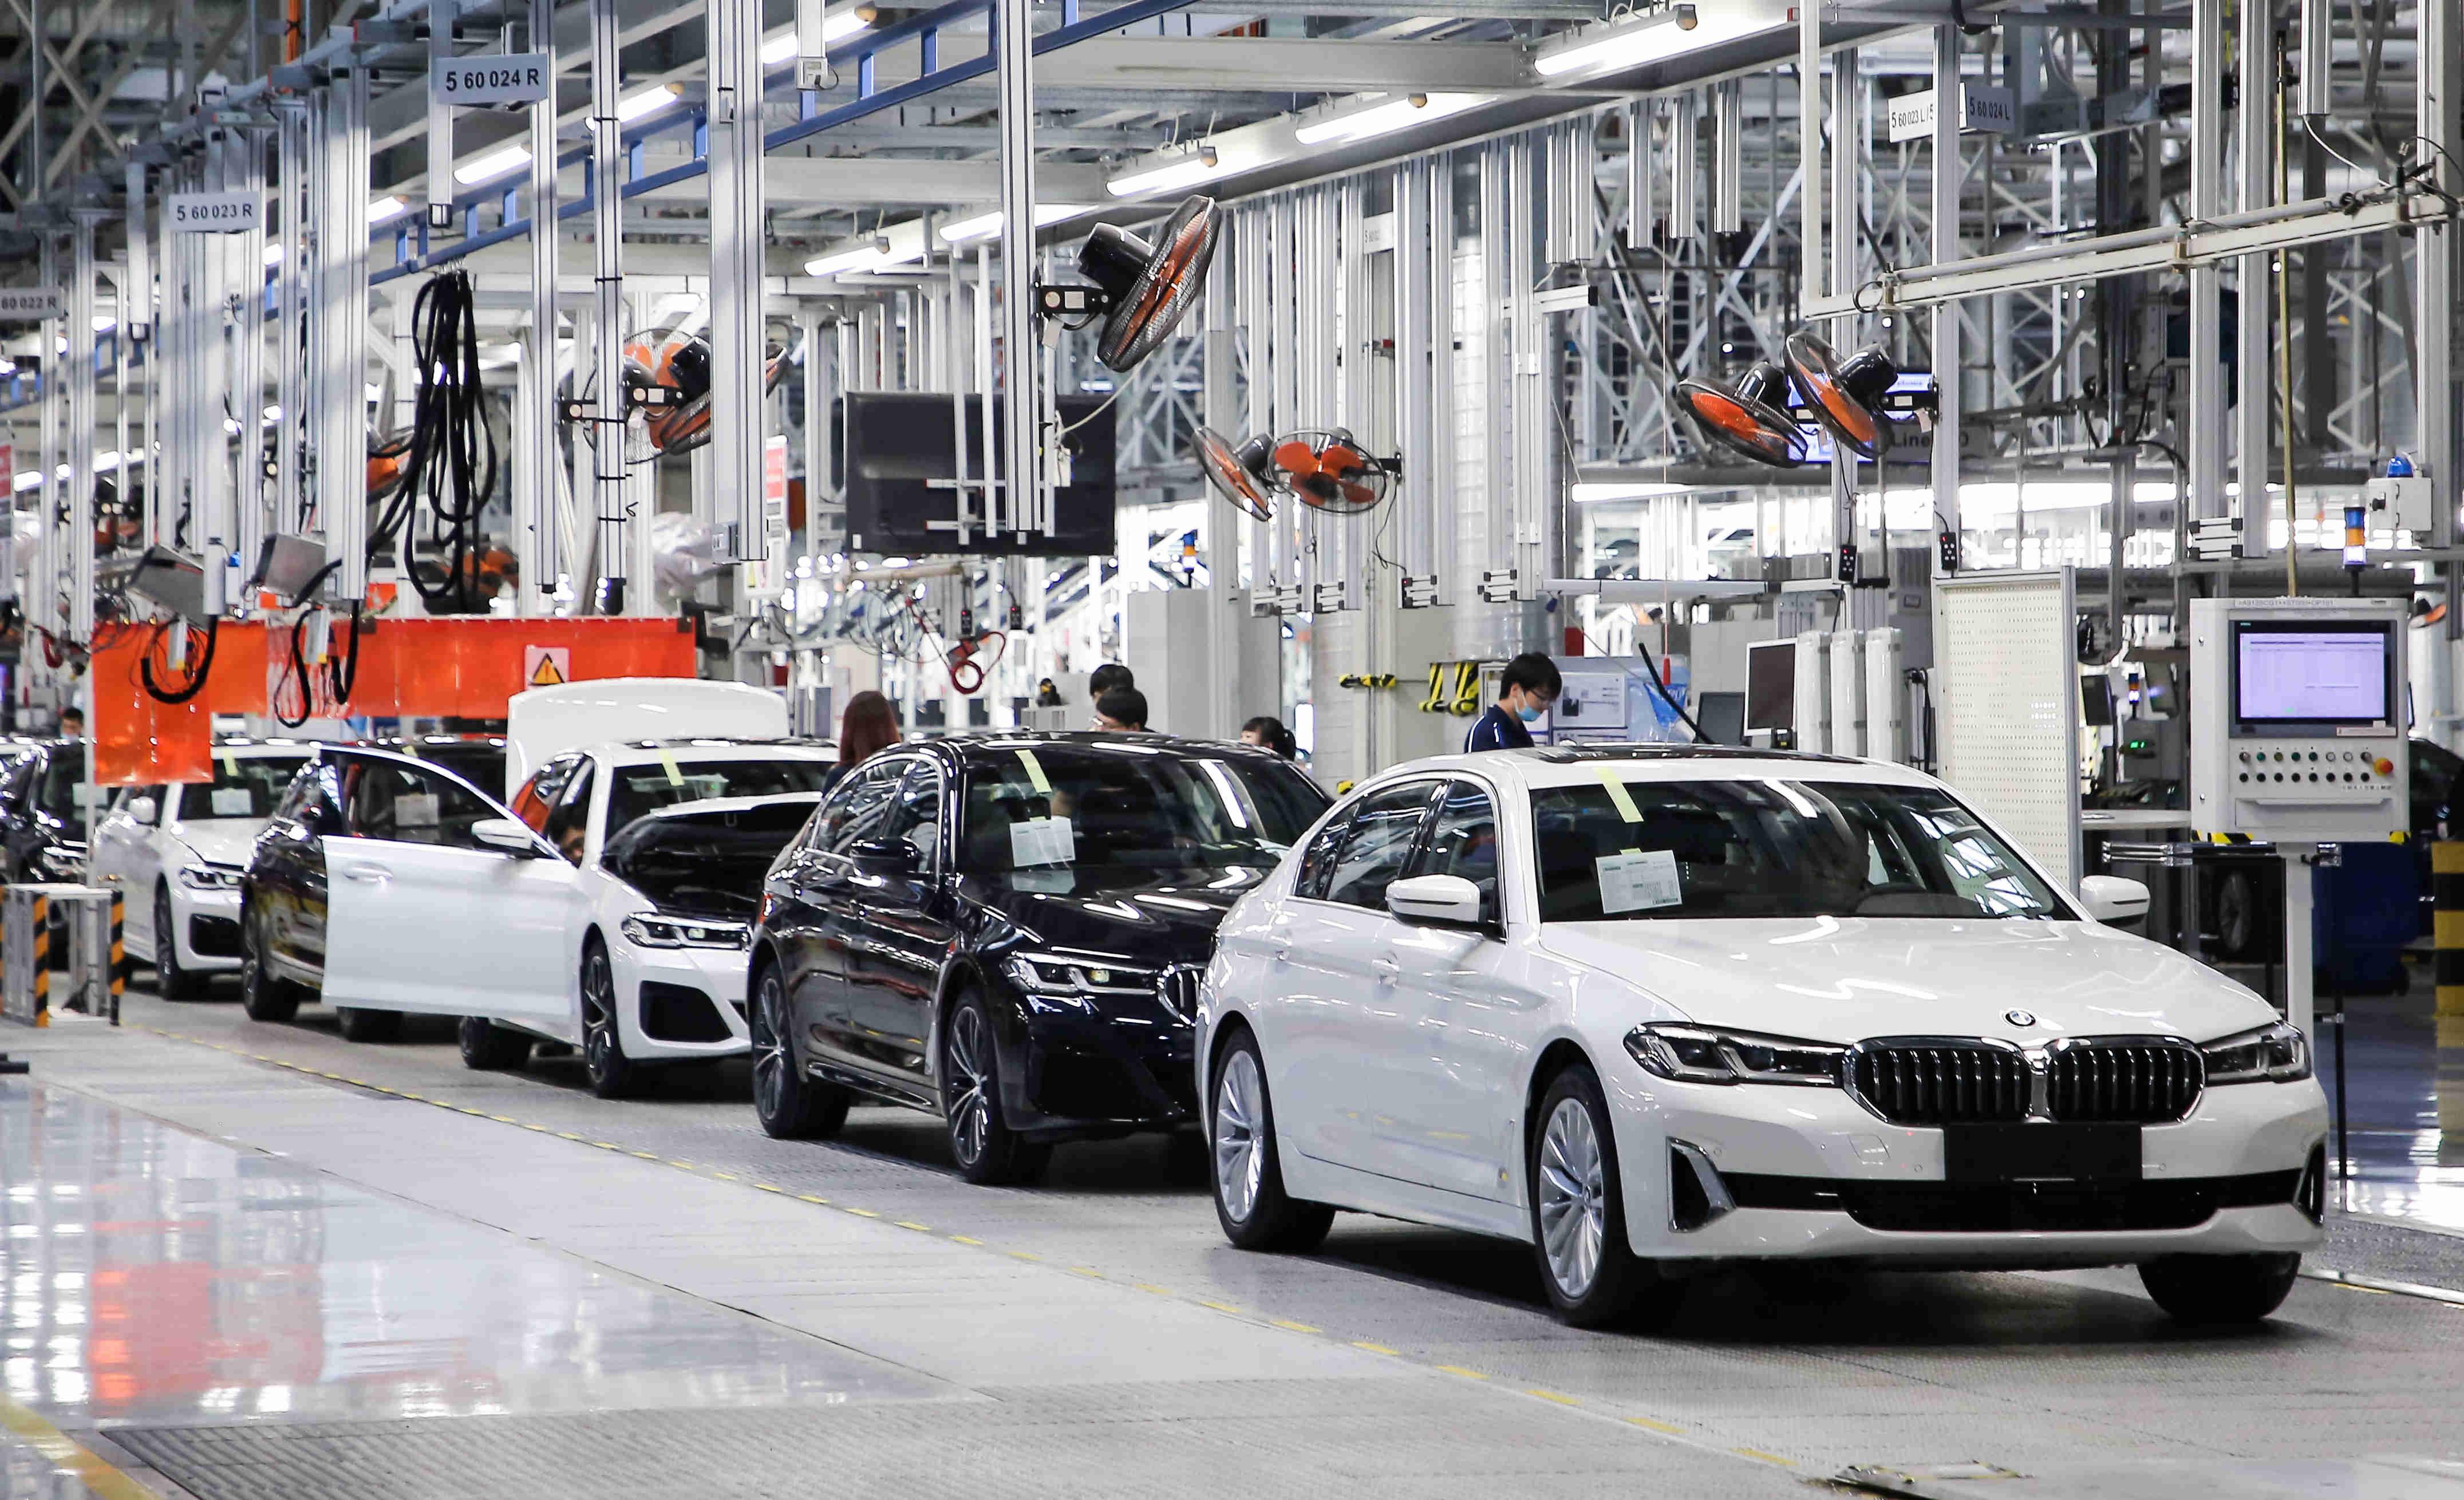 新BMW 5系Li北区车马风尚赛带你唤醒格调生活